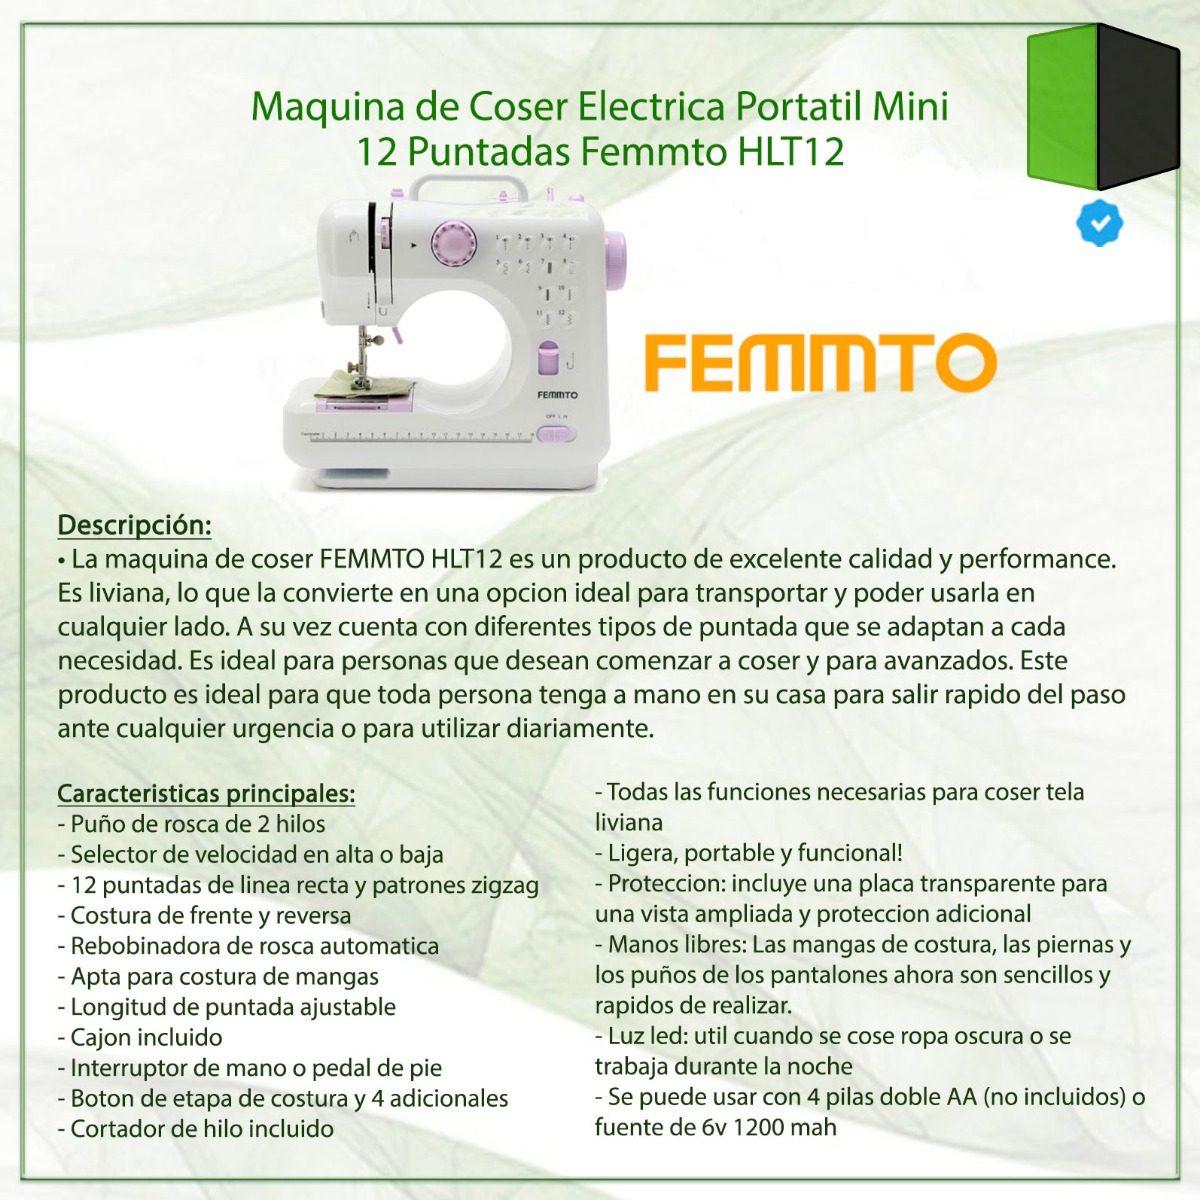 Maquina De Coser Portatil Femmto Hlt12 Electrica 12 Puntadas ...